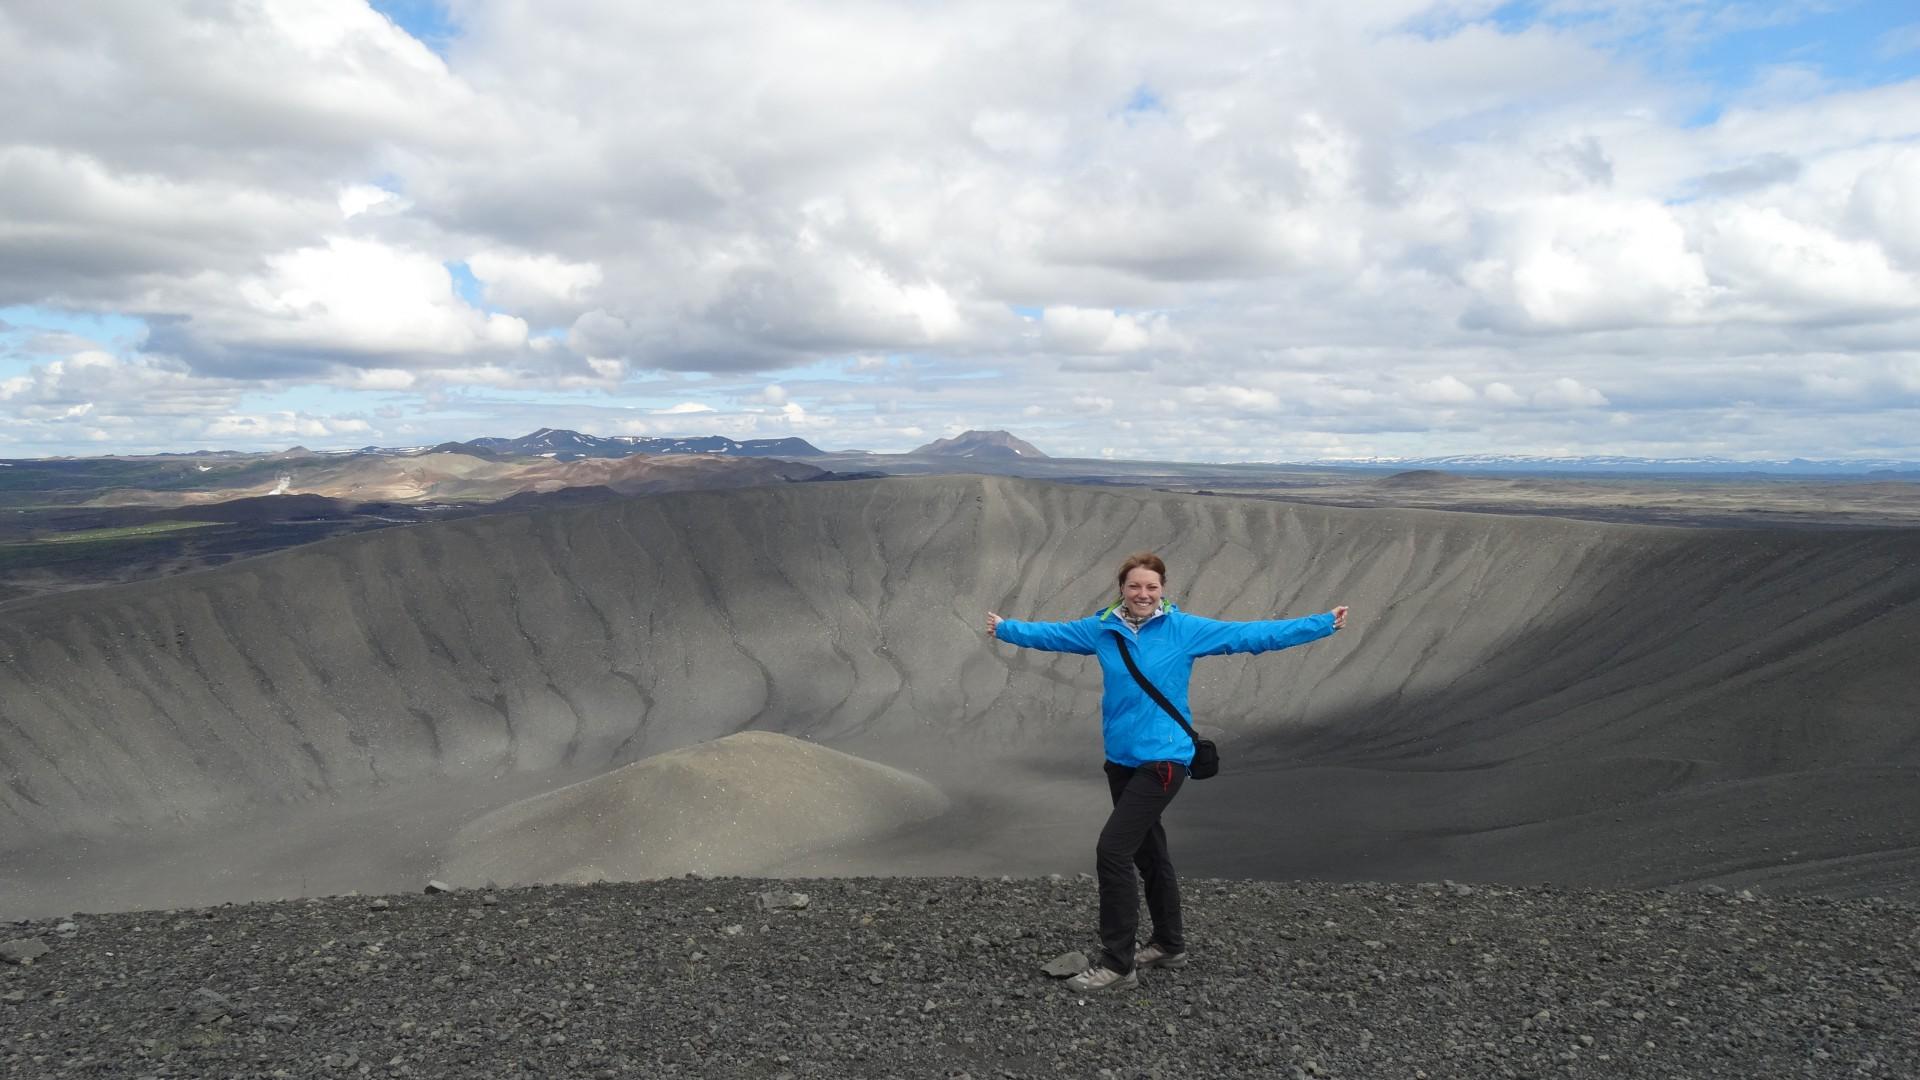 Nach erfolgreicher Erklimmung des Vulkankegels des Hverfjalls!